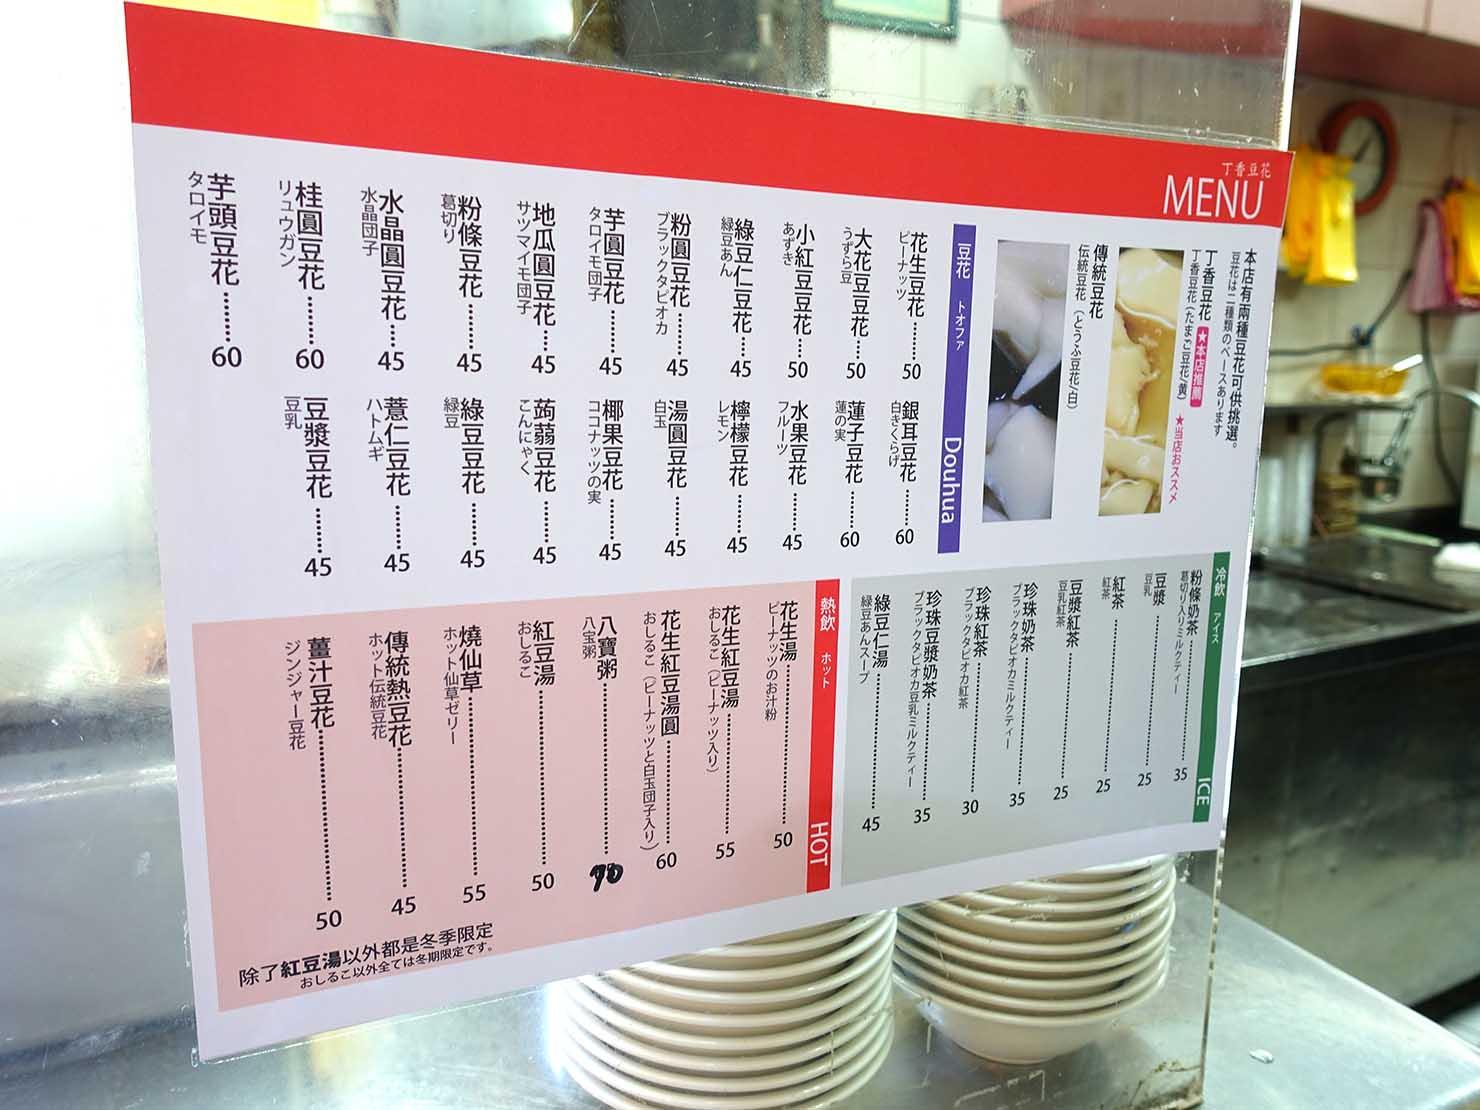 台北・民權西路&中山國中駅周辺(晴光市場)のおすすめグルメ店「丁香豆花」のメニュー